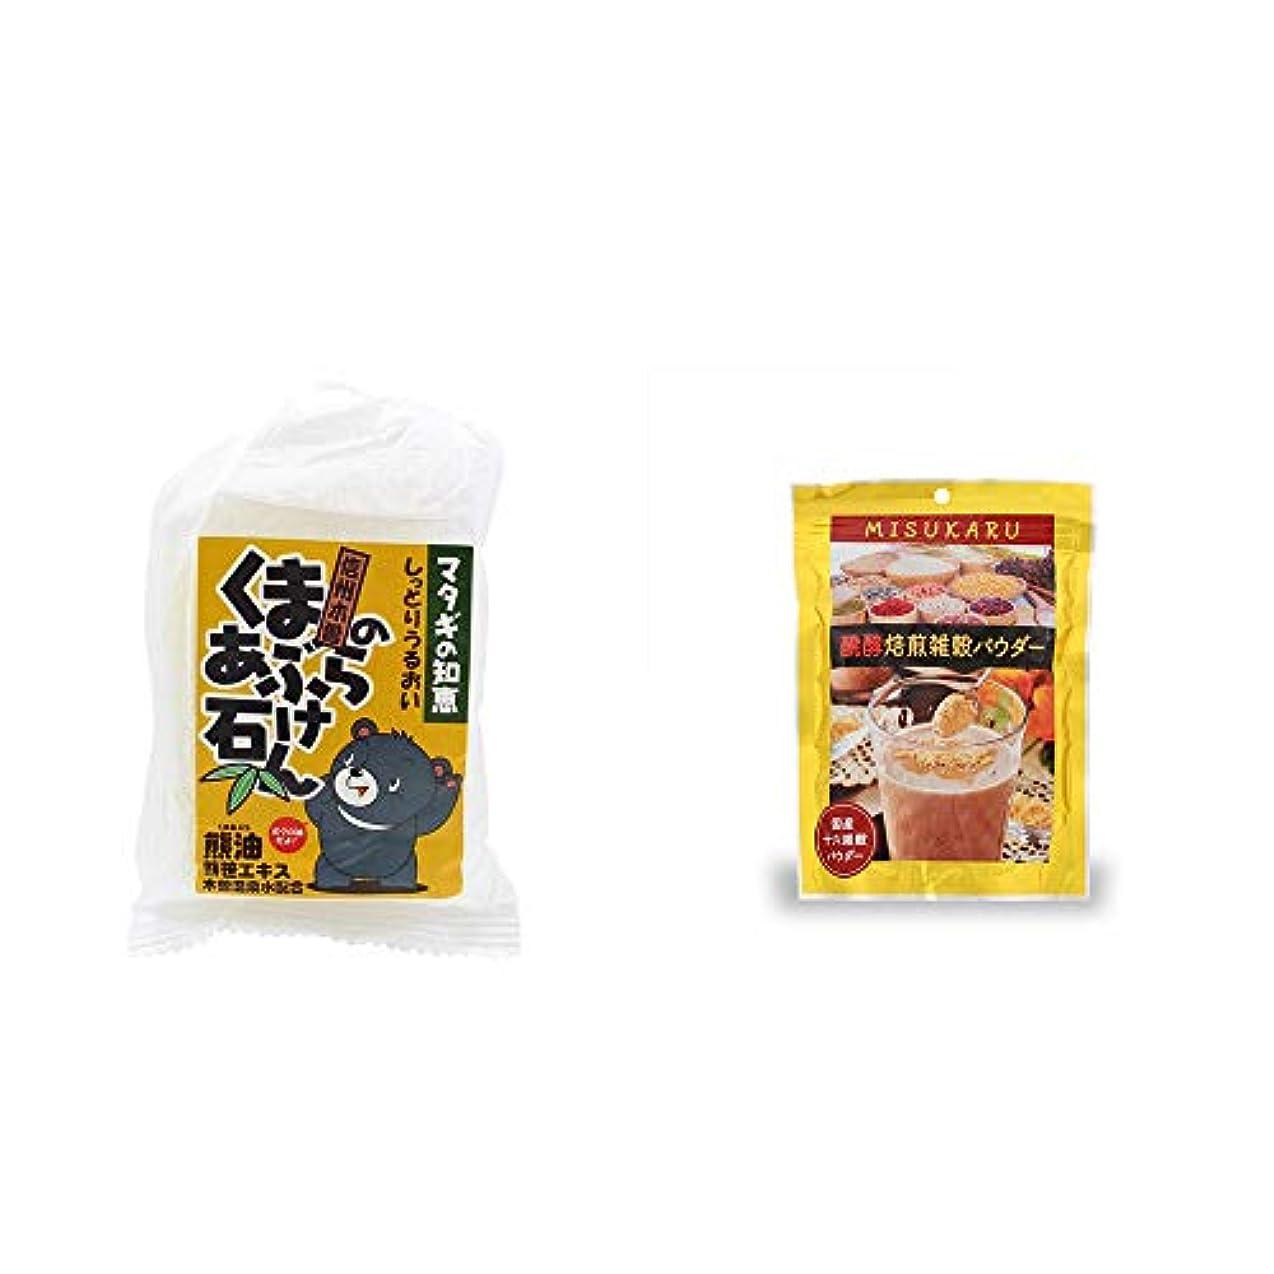 ガイドラインデコラティブコールド[2点セット] 信州木曽 くまのあぶら石けん(80g)?醗酵焙煎雑穀パウダー MISUKARU(ミスカル)(200g)